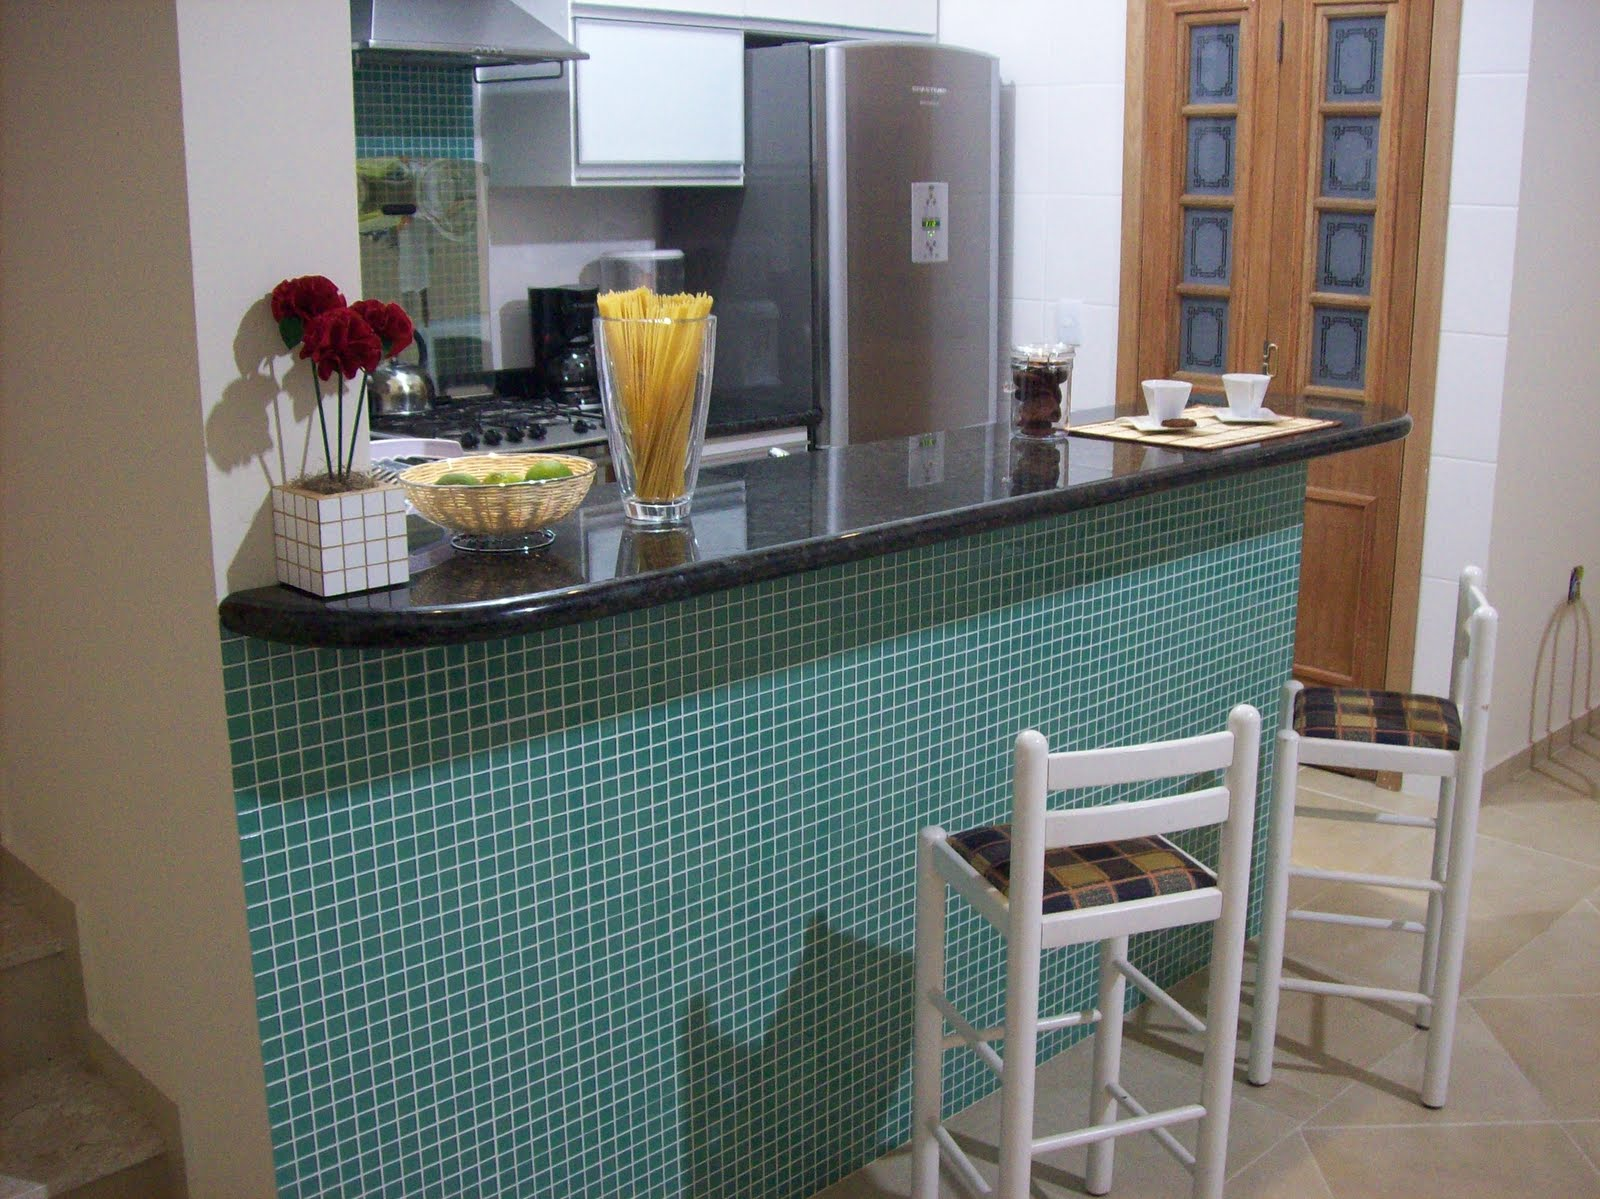 #664838 Balcão de cozinha de mármore – Fotos Decorando Casas 1600x1199 px Balcão Para Cozinha Americana De Marmore_2163 Imagens